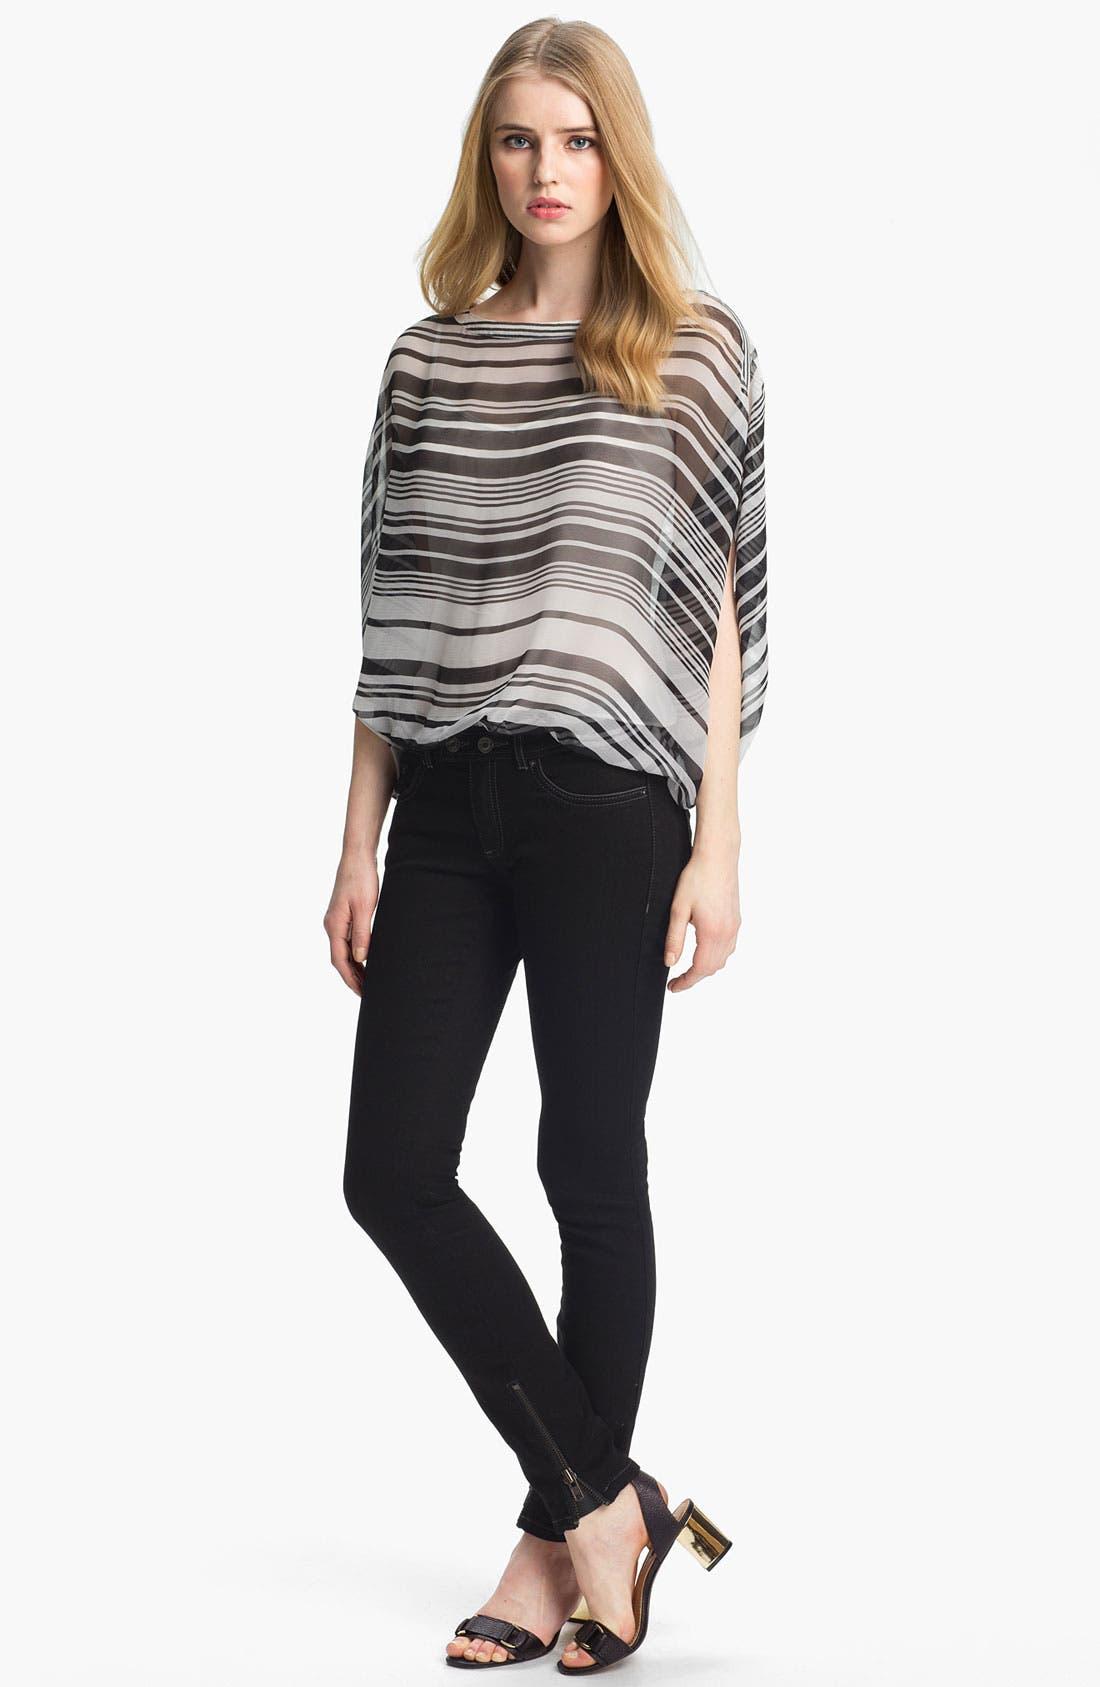 Alternate Image 1 Selected - Rachel Zoe 'Noel' Stripe Silk Top